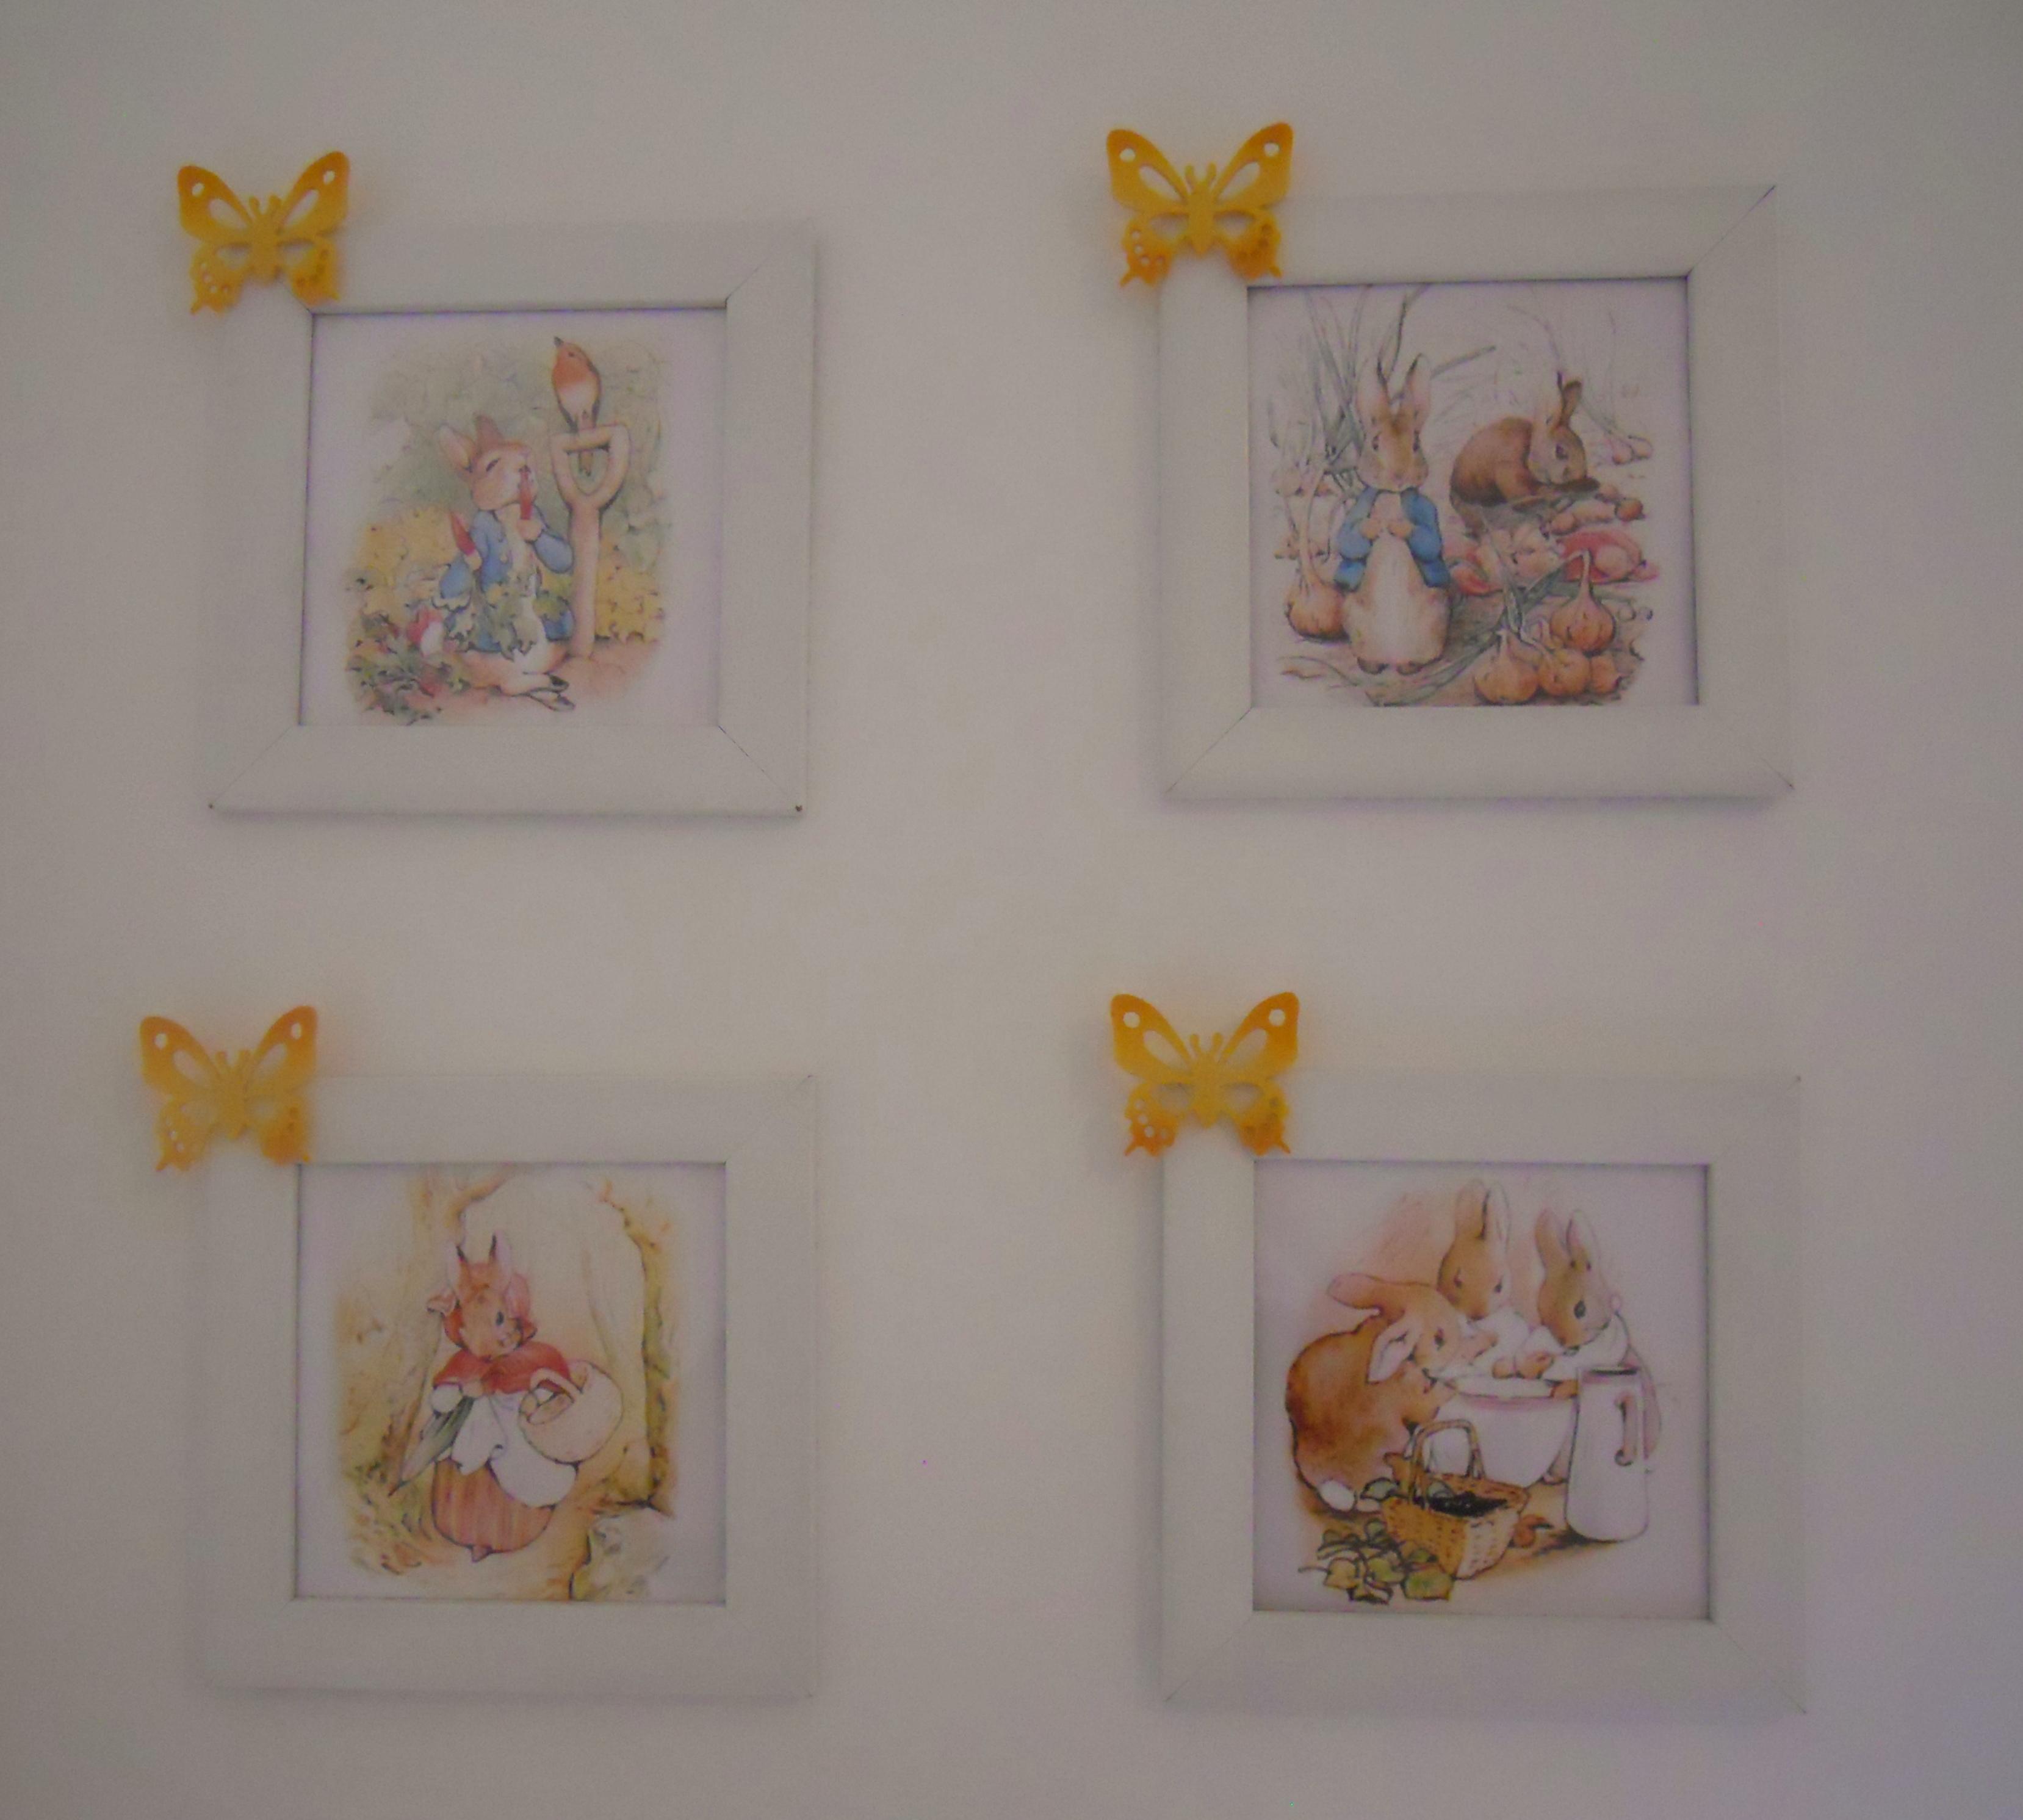 Riciclo creativo  lampadario farfalle fai da te -> Lampadario Farfalle Fai Da Te